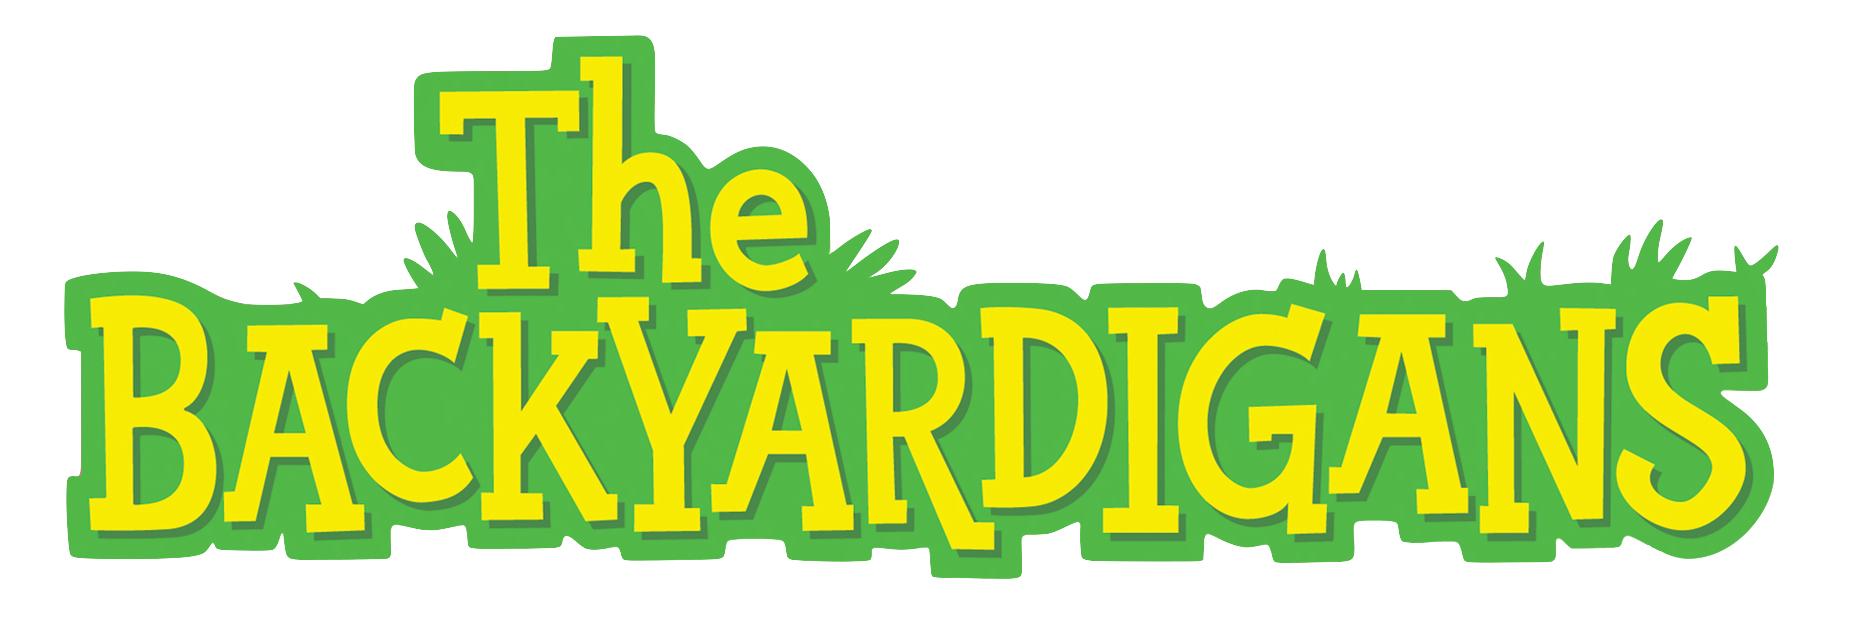 the backyardigans films tv shows and wildlife wiki fandom